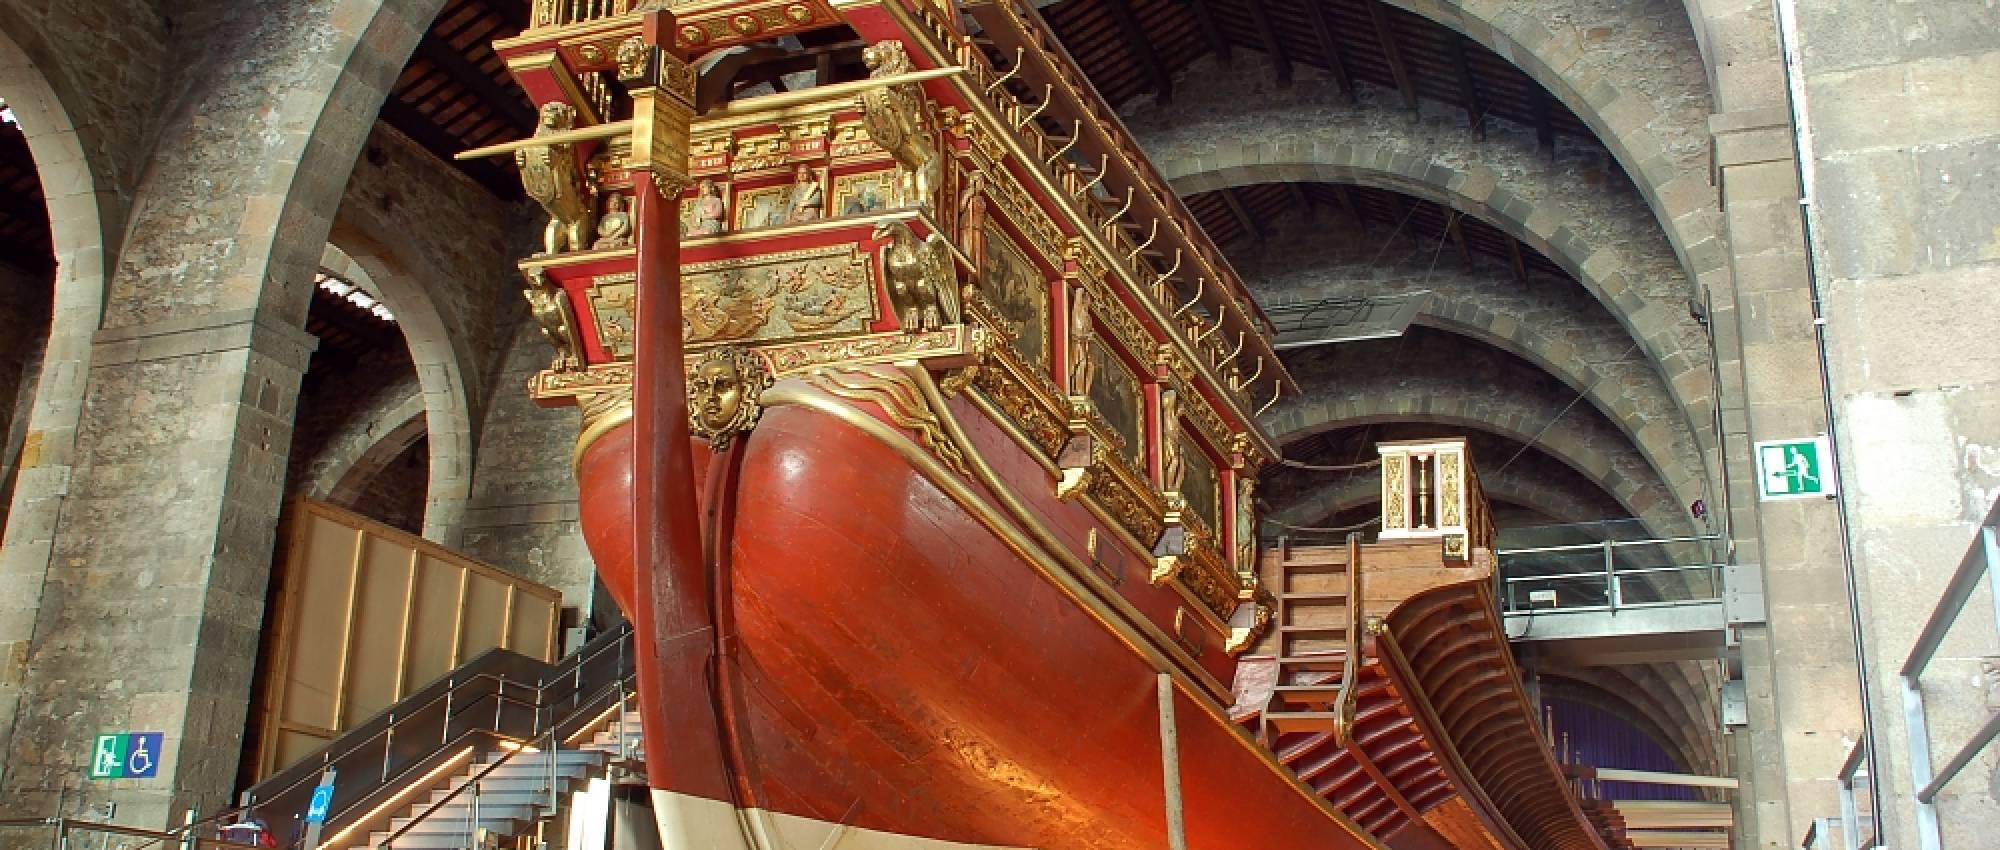 Reproducció de la Galera Reial de Joan d'Àustria al Museu Marítim de Barcelona. CC BY-SA 2.5 - Fritz Geller-Grimm  / Wikimedia Commons